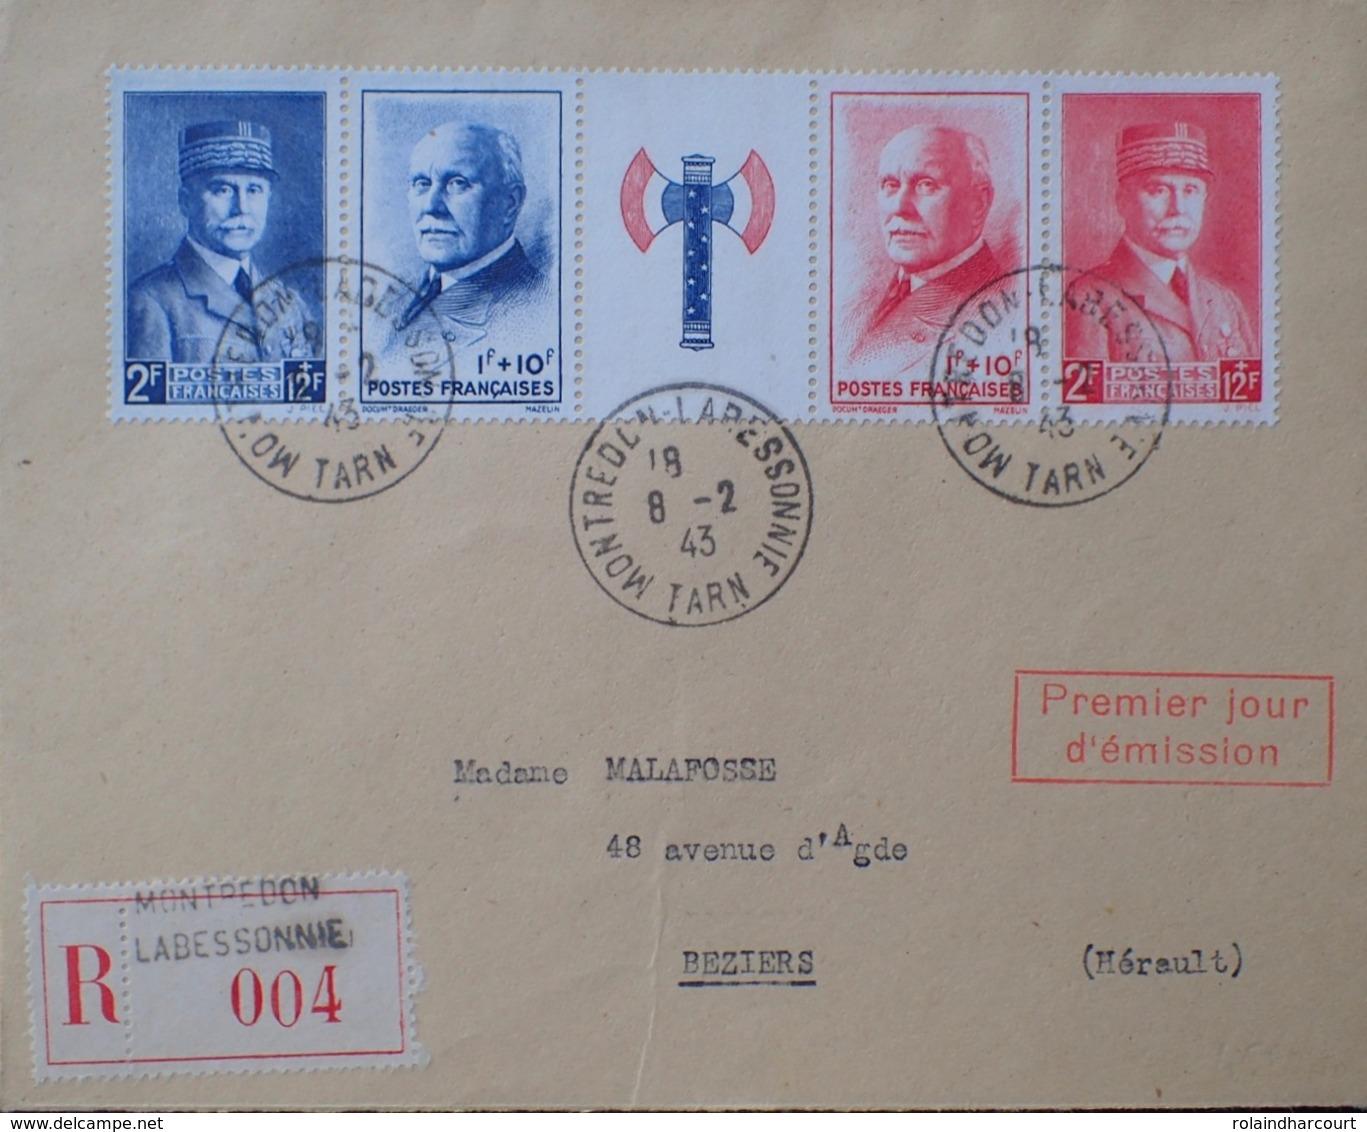 R1947/237 - TYPE PETAIN - BANDE N°571A Seule Sur ✉️ RECOMMANDEE Avec CàD 1er Jour D'émission (8 FEVRIER 1943) - France